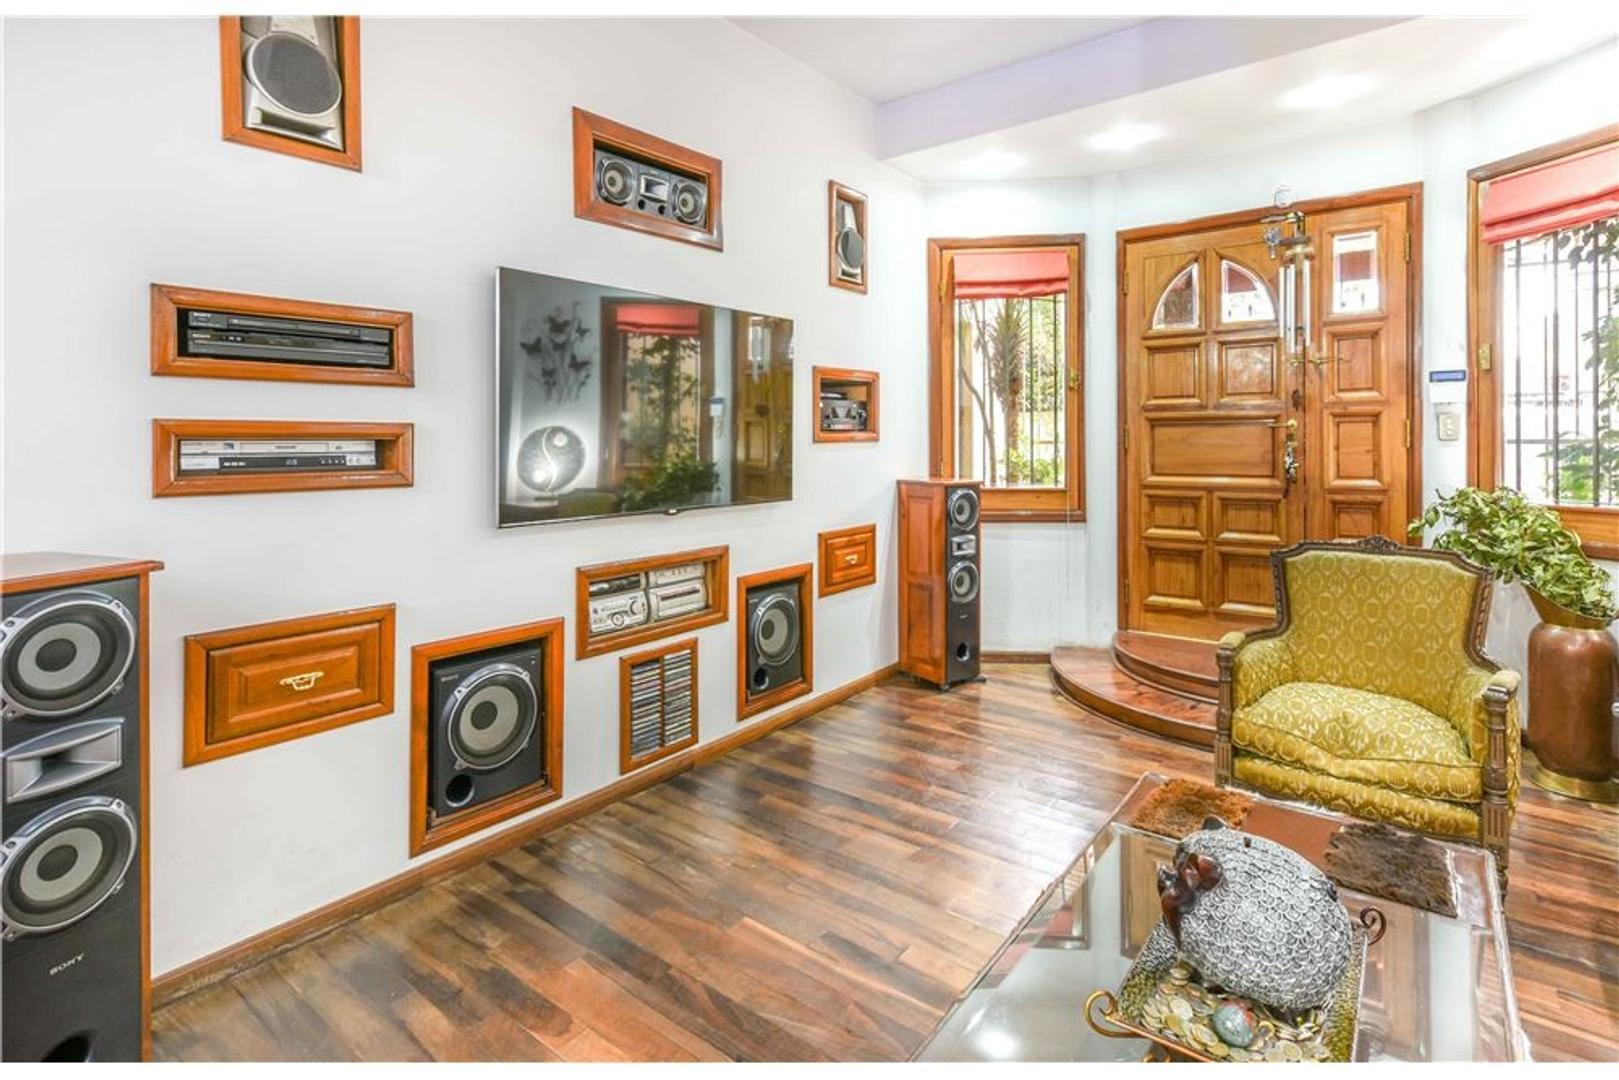 Casa - 182 m² | 3 dormitorios | 39 años